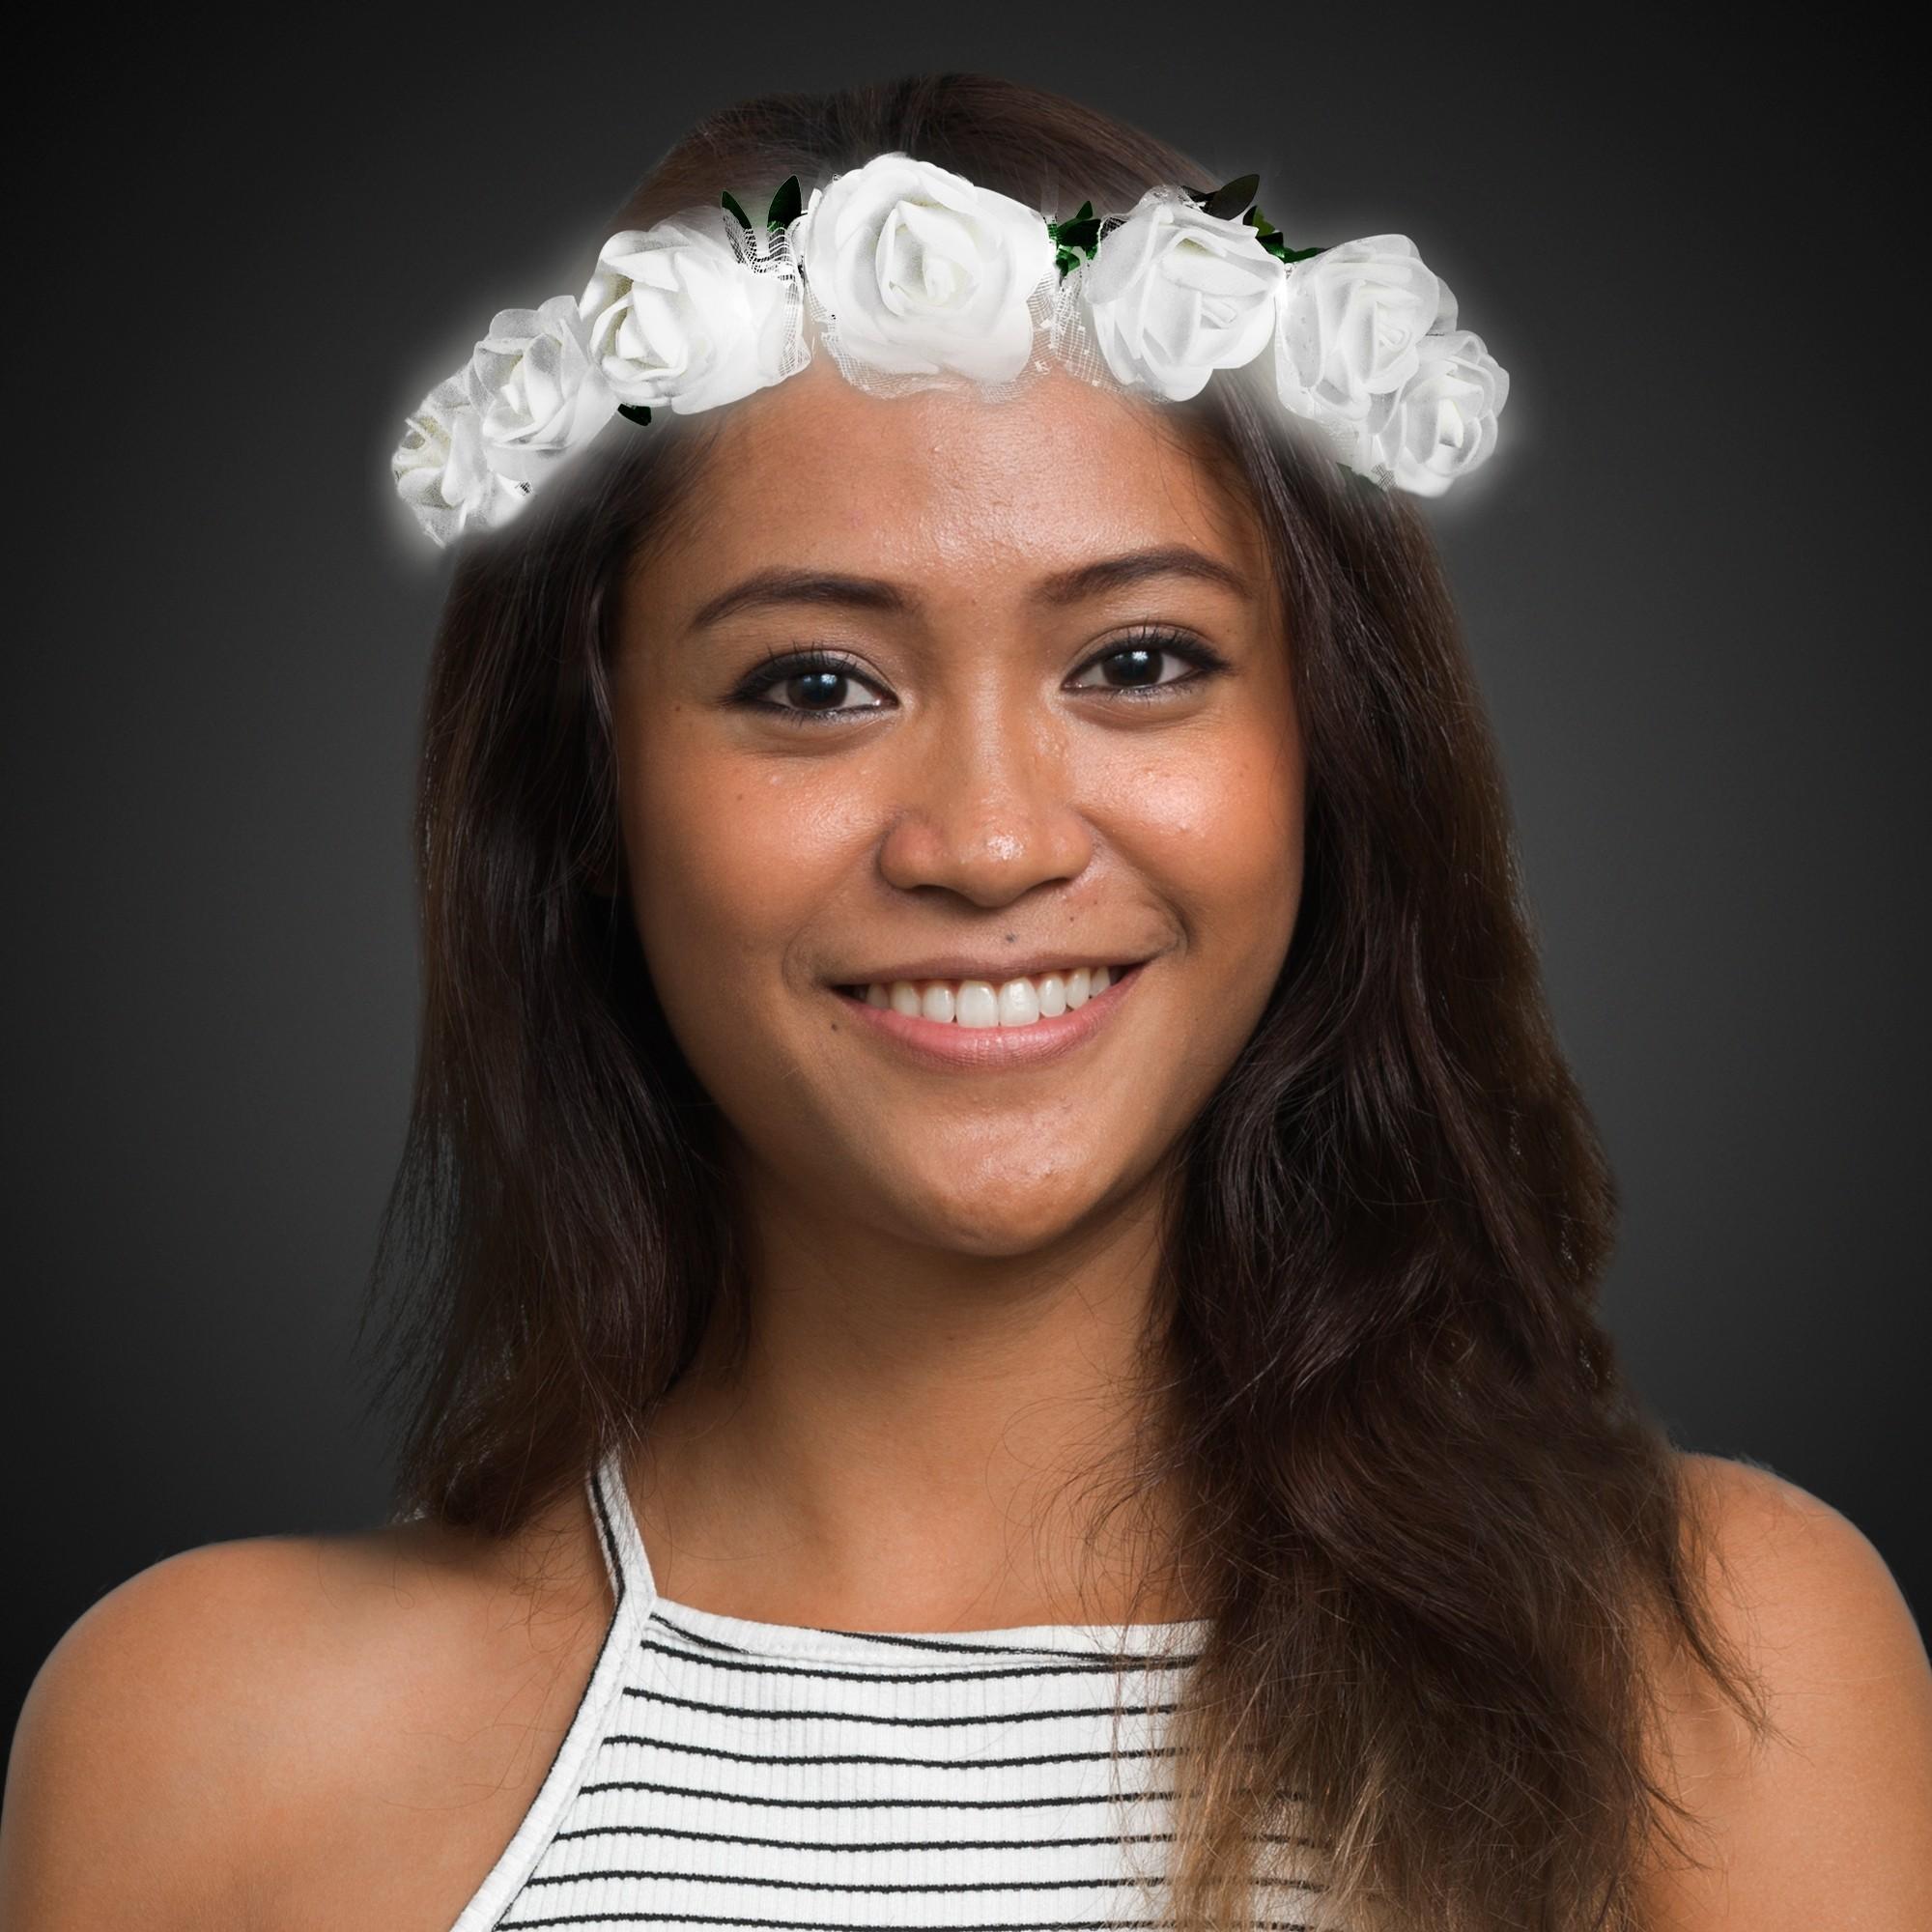 White Roses LED Halo Headband